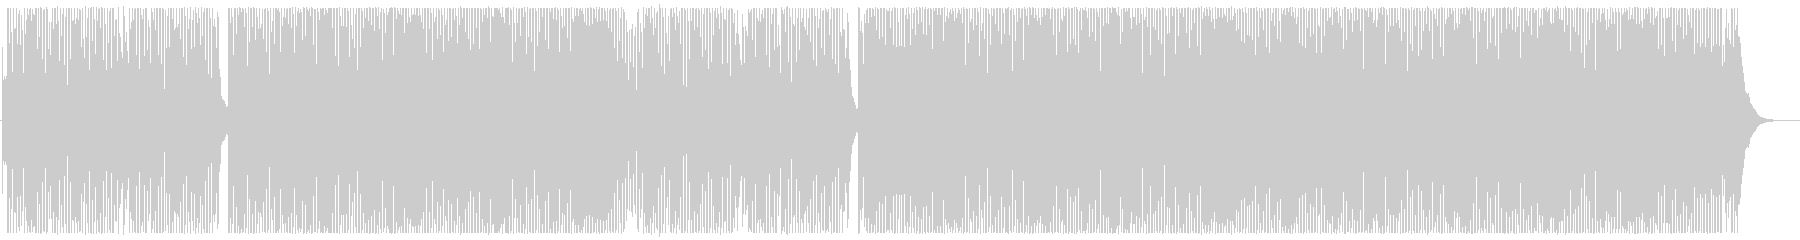 元気のいい可愛いテクノポップの曲の未再生の波形